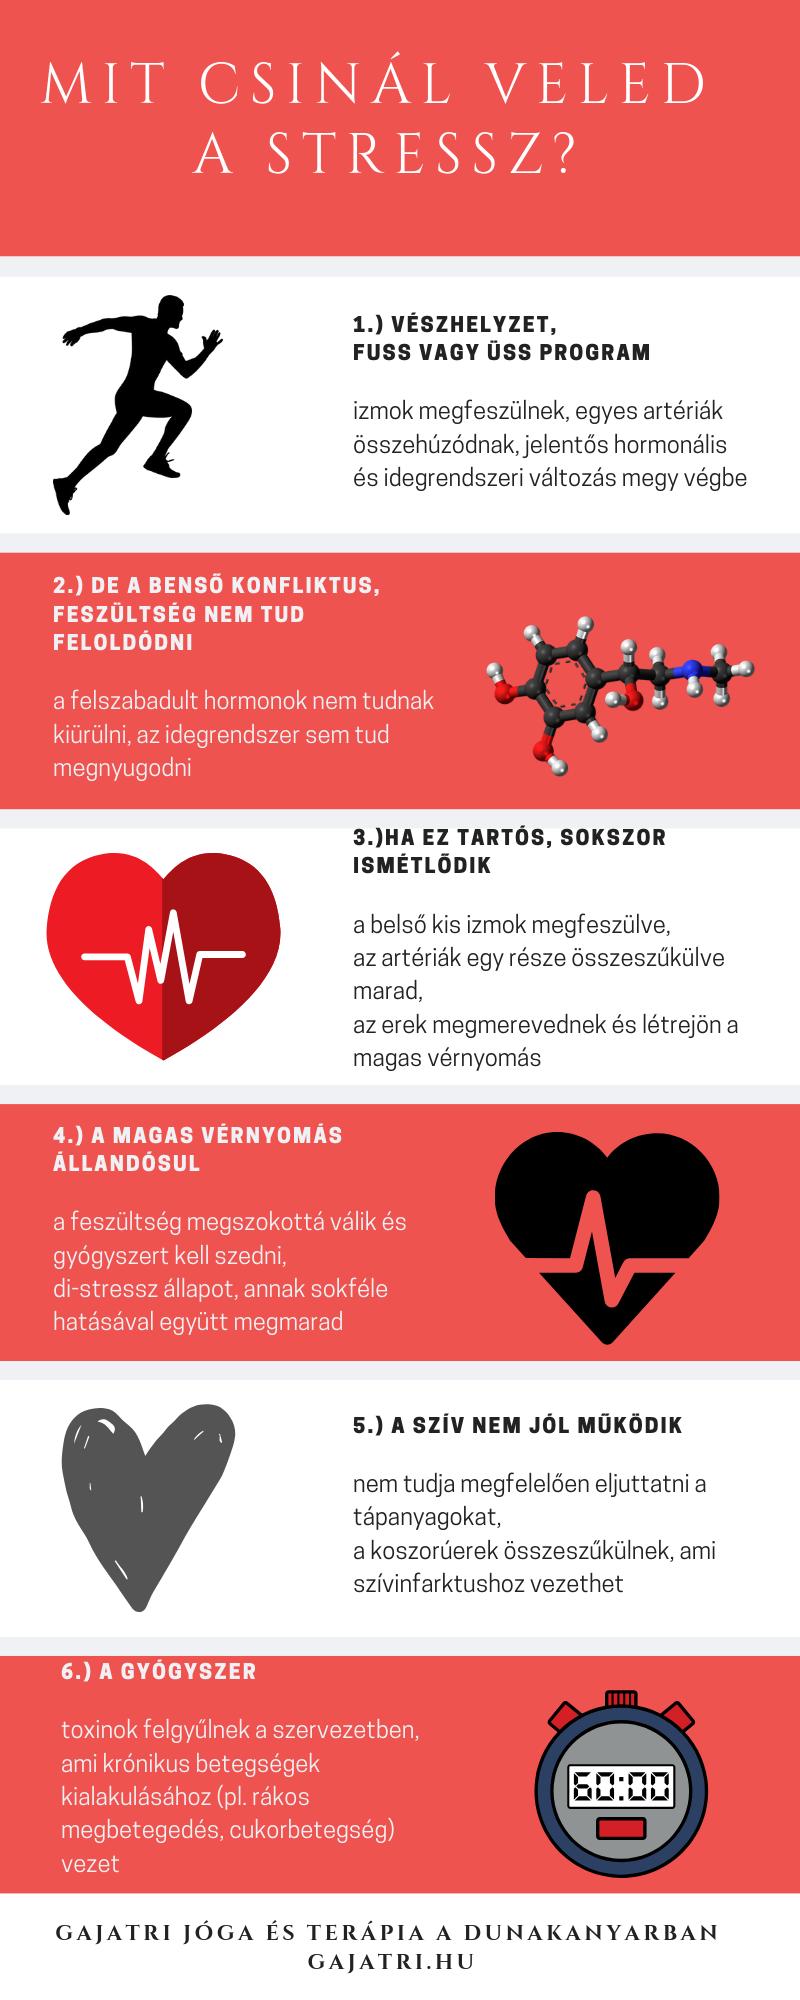 Hormonok okozhatják a magas vérnyomást